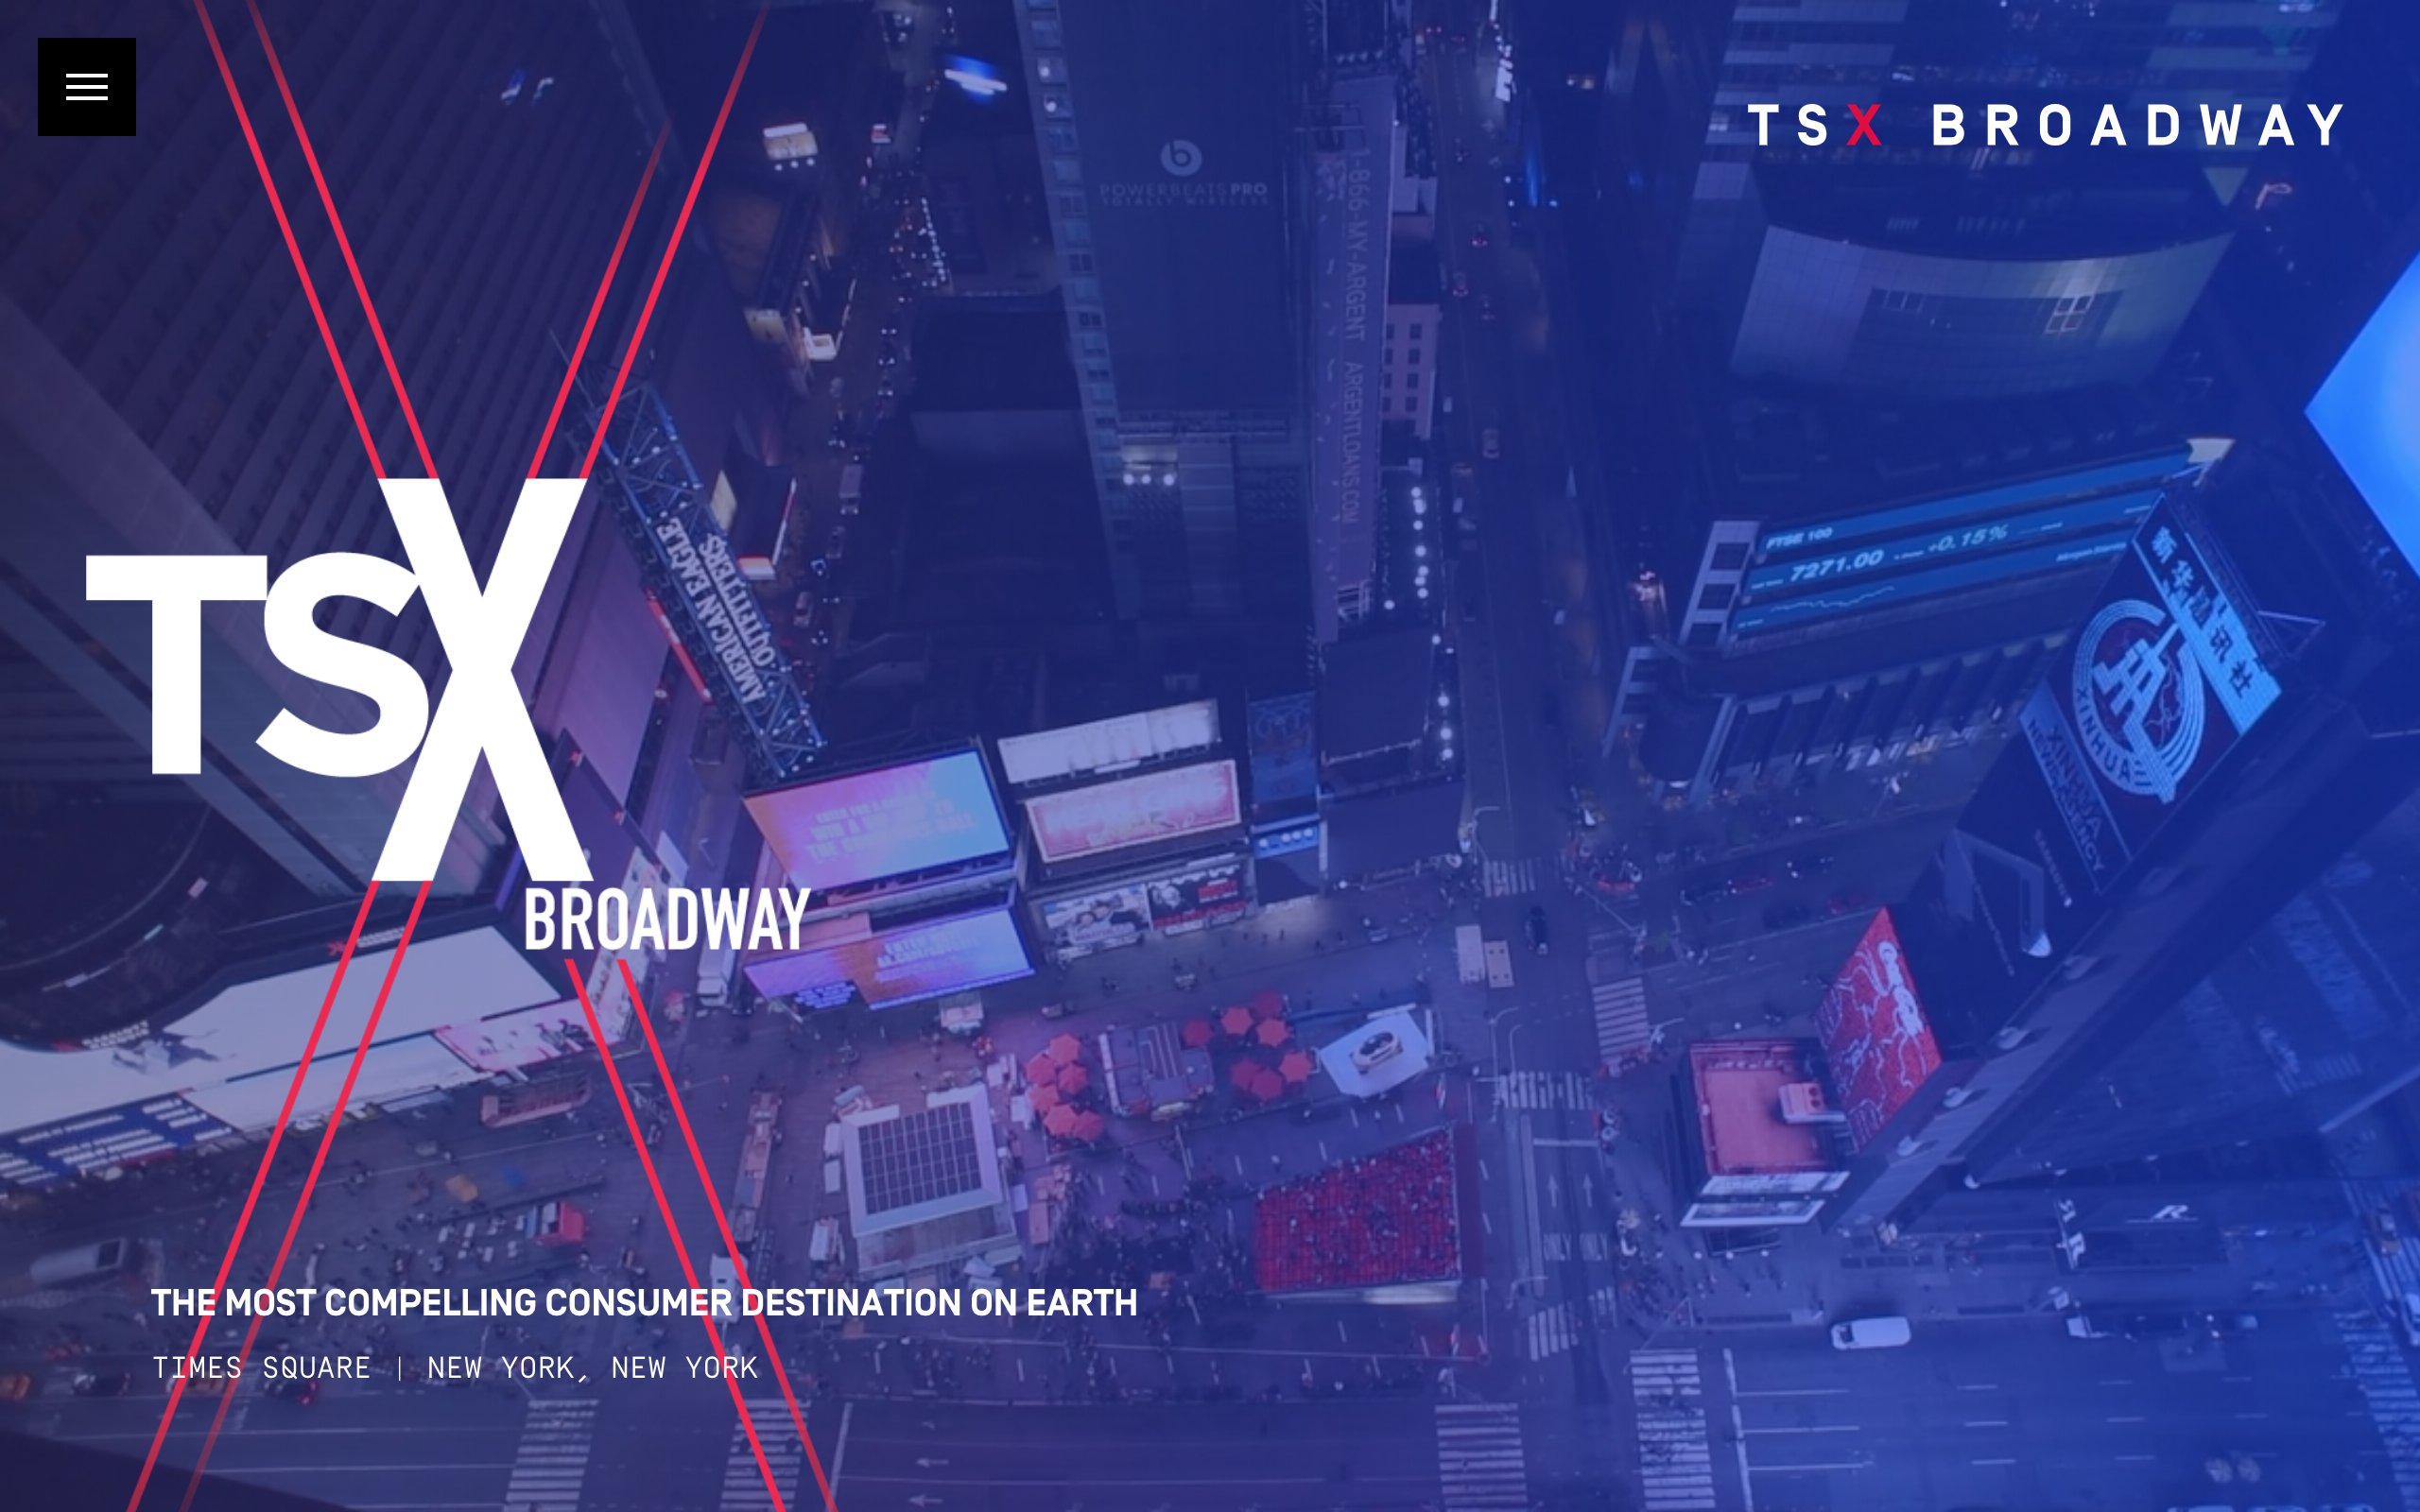 TXS Broadway